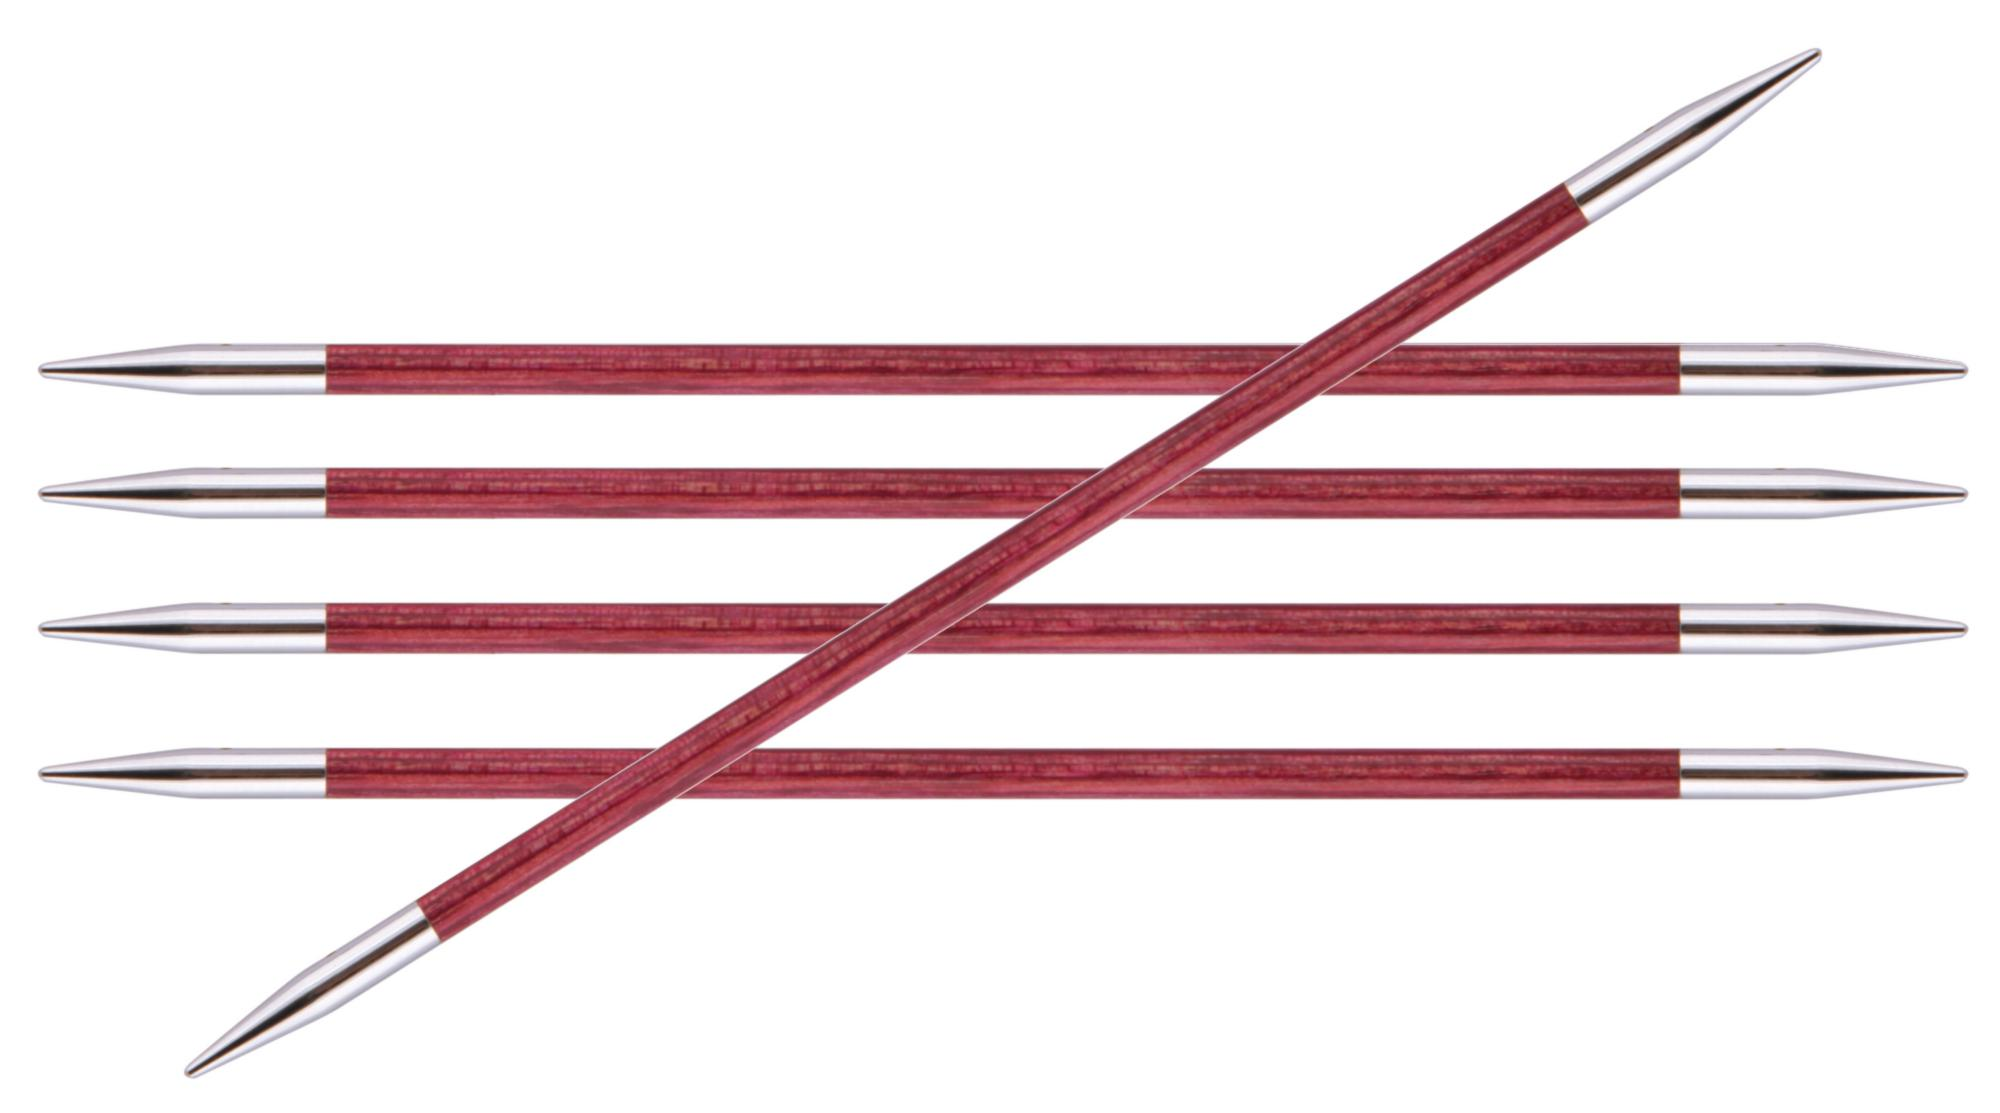 Спицы носочные 15 см Royale KnitPro, 29009, 4.00 мм